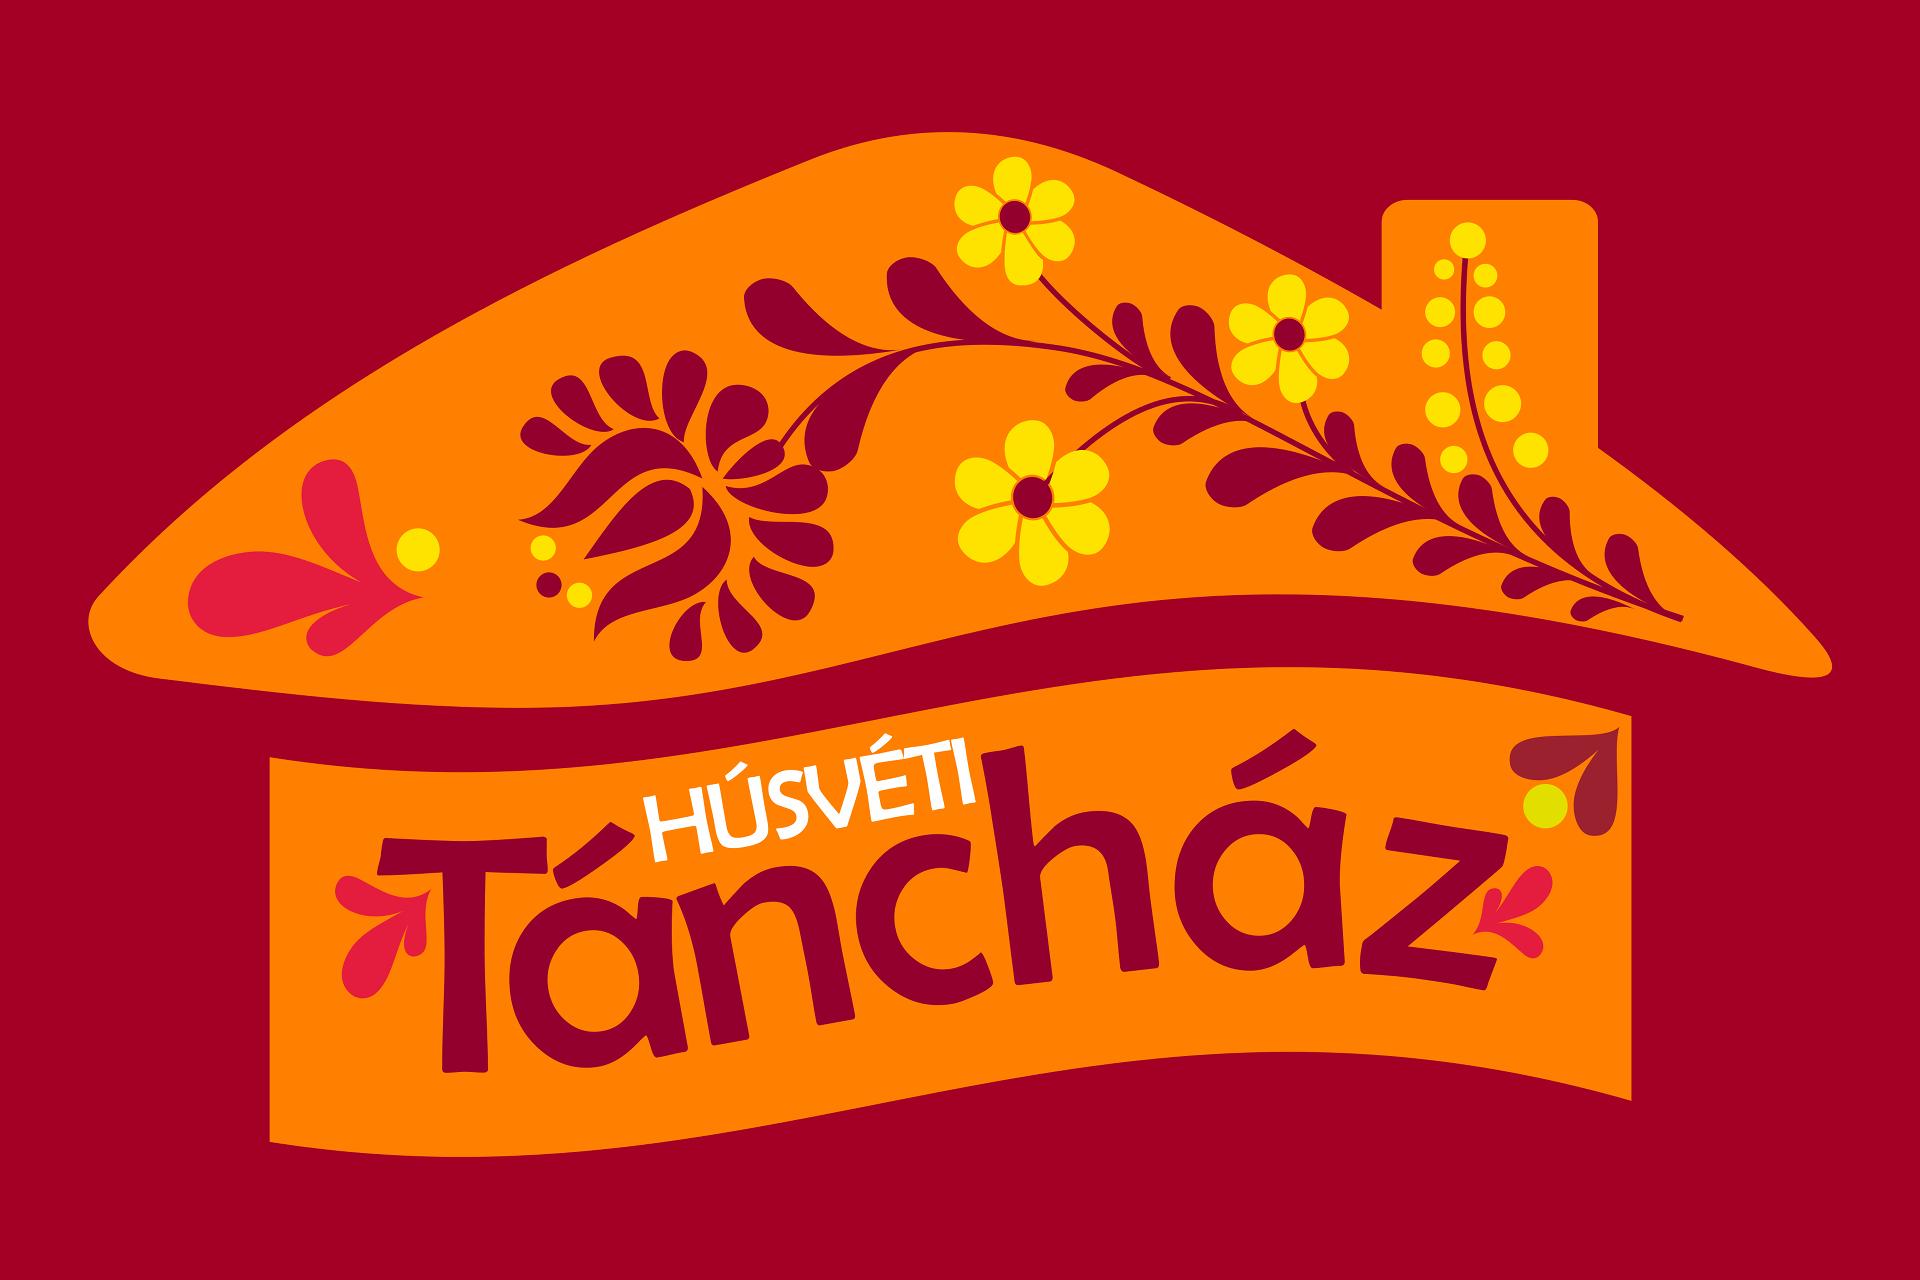 tanchaz_2019_04.jpg